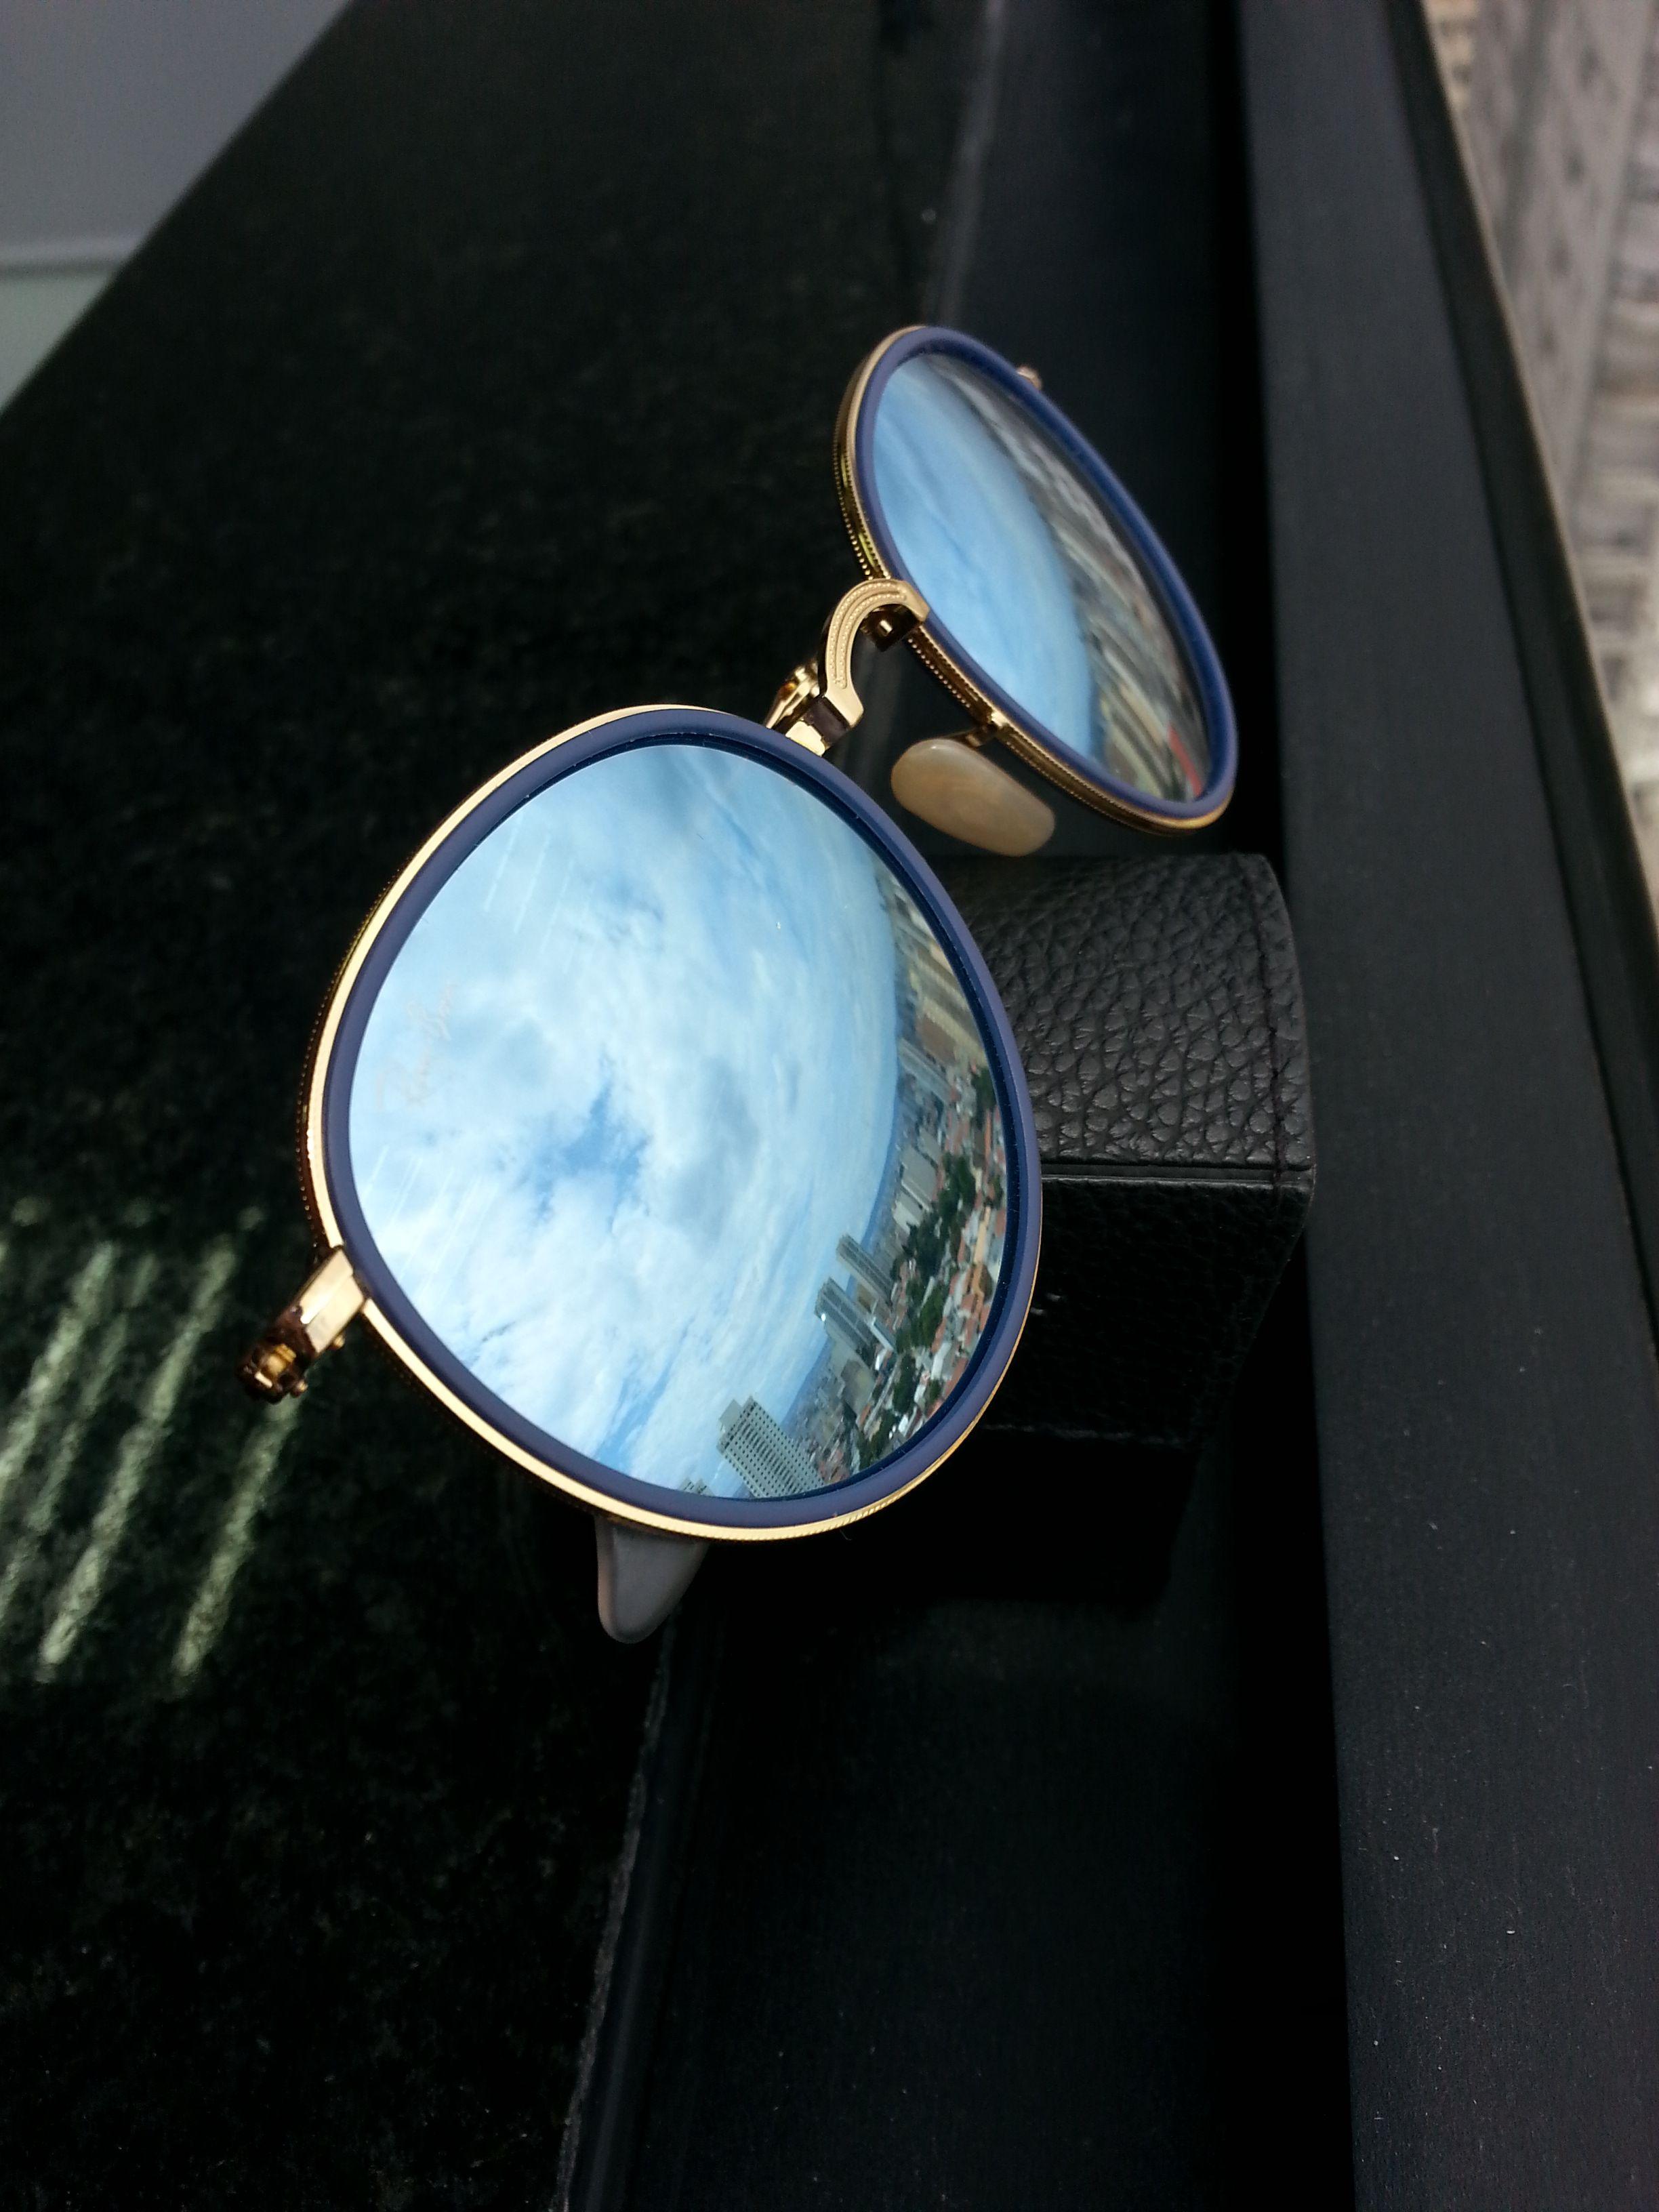 3cf2254b59813  oculos  de  sol  rb  redondo  azul  espelhado  lindo  luxo  verao  calor   praia  oticas  wanny  online  sunglasses